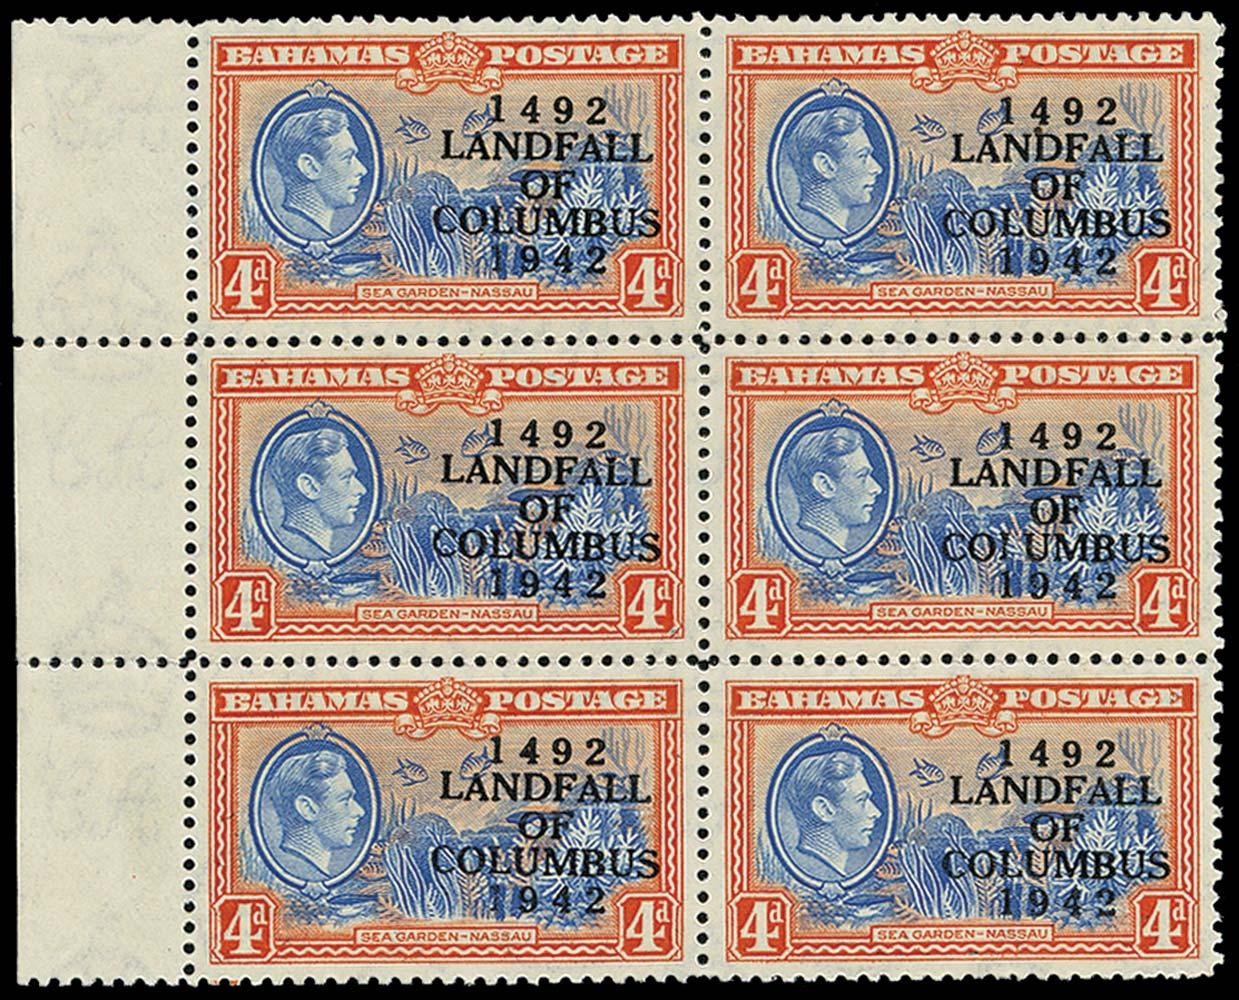 BAHAMAS 1942  SG168/a Mint